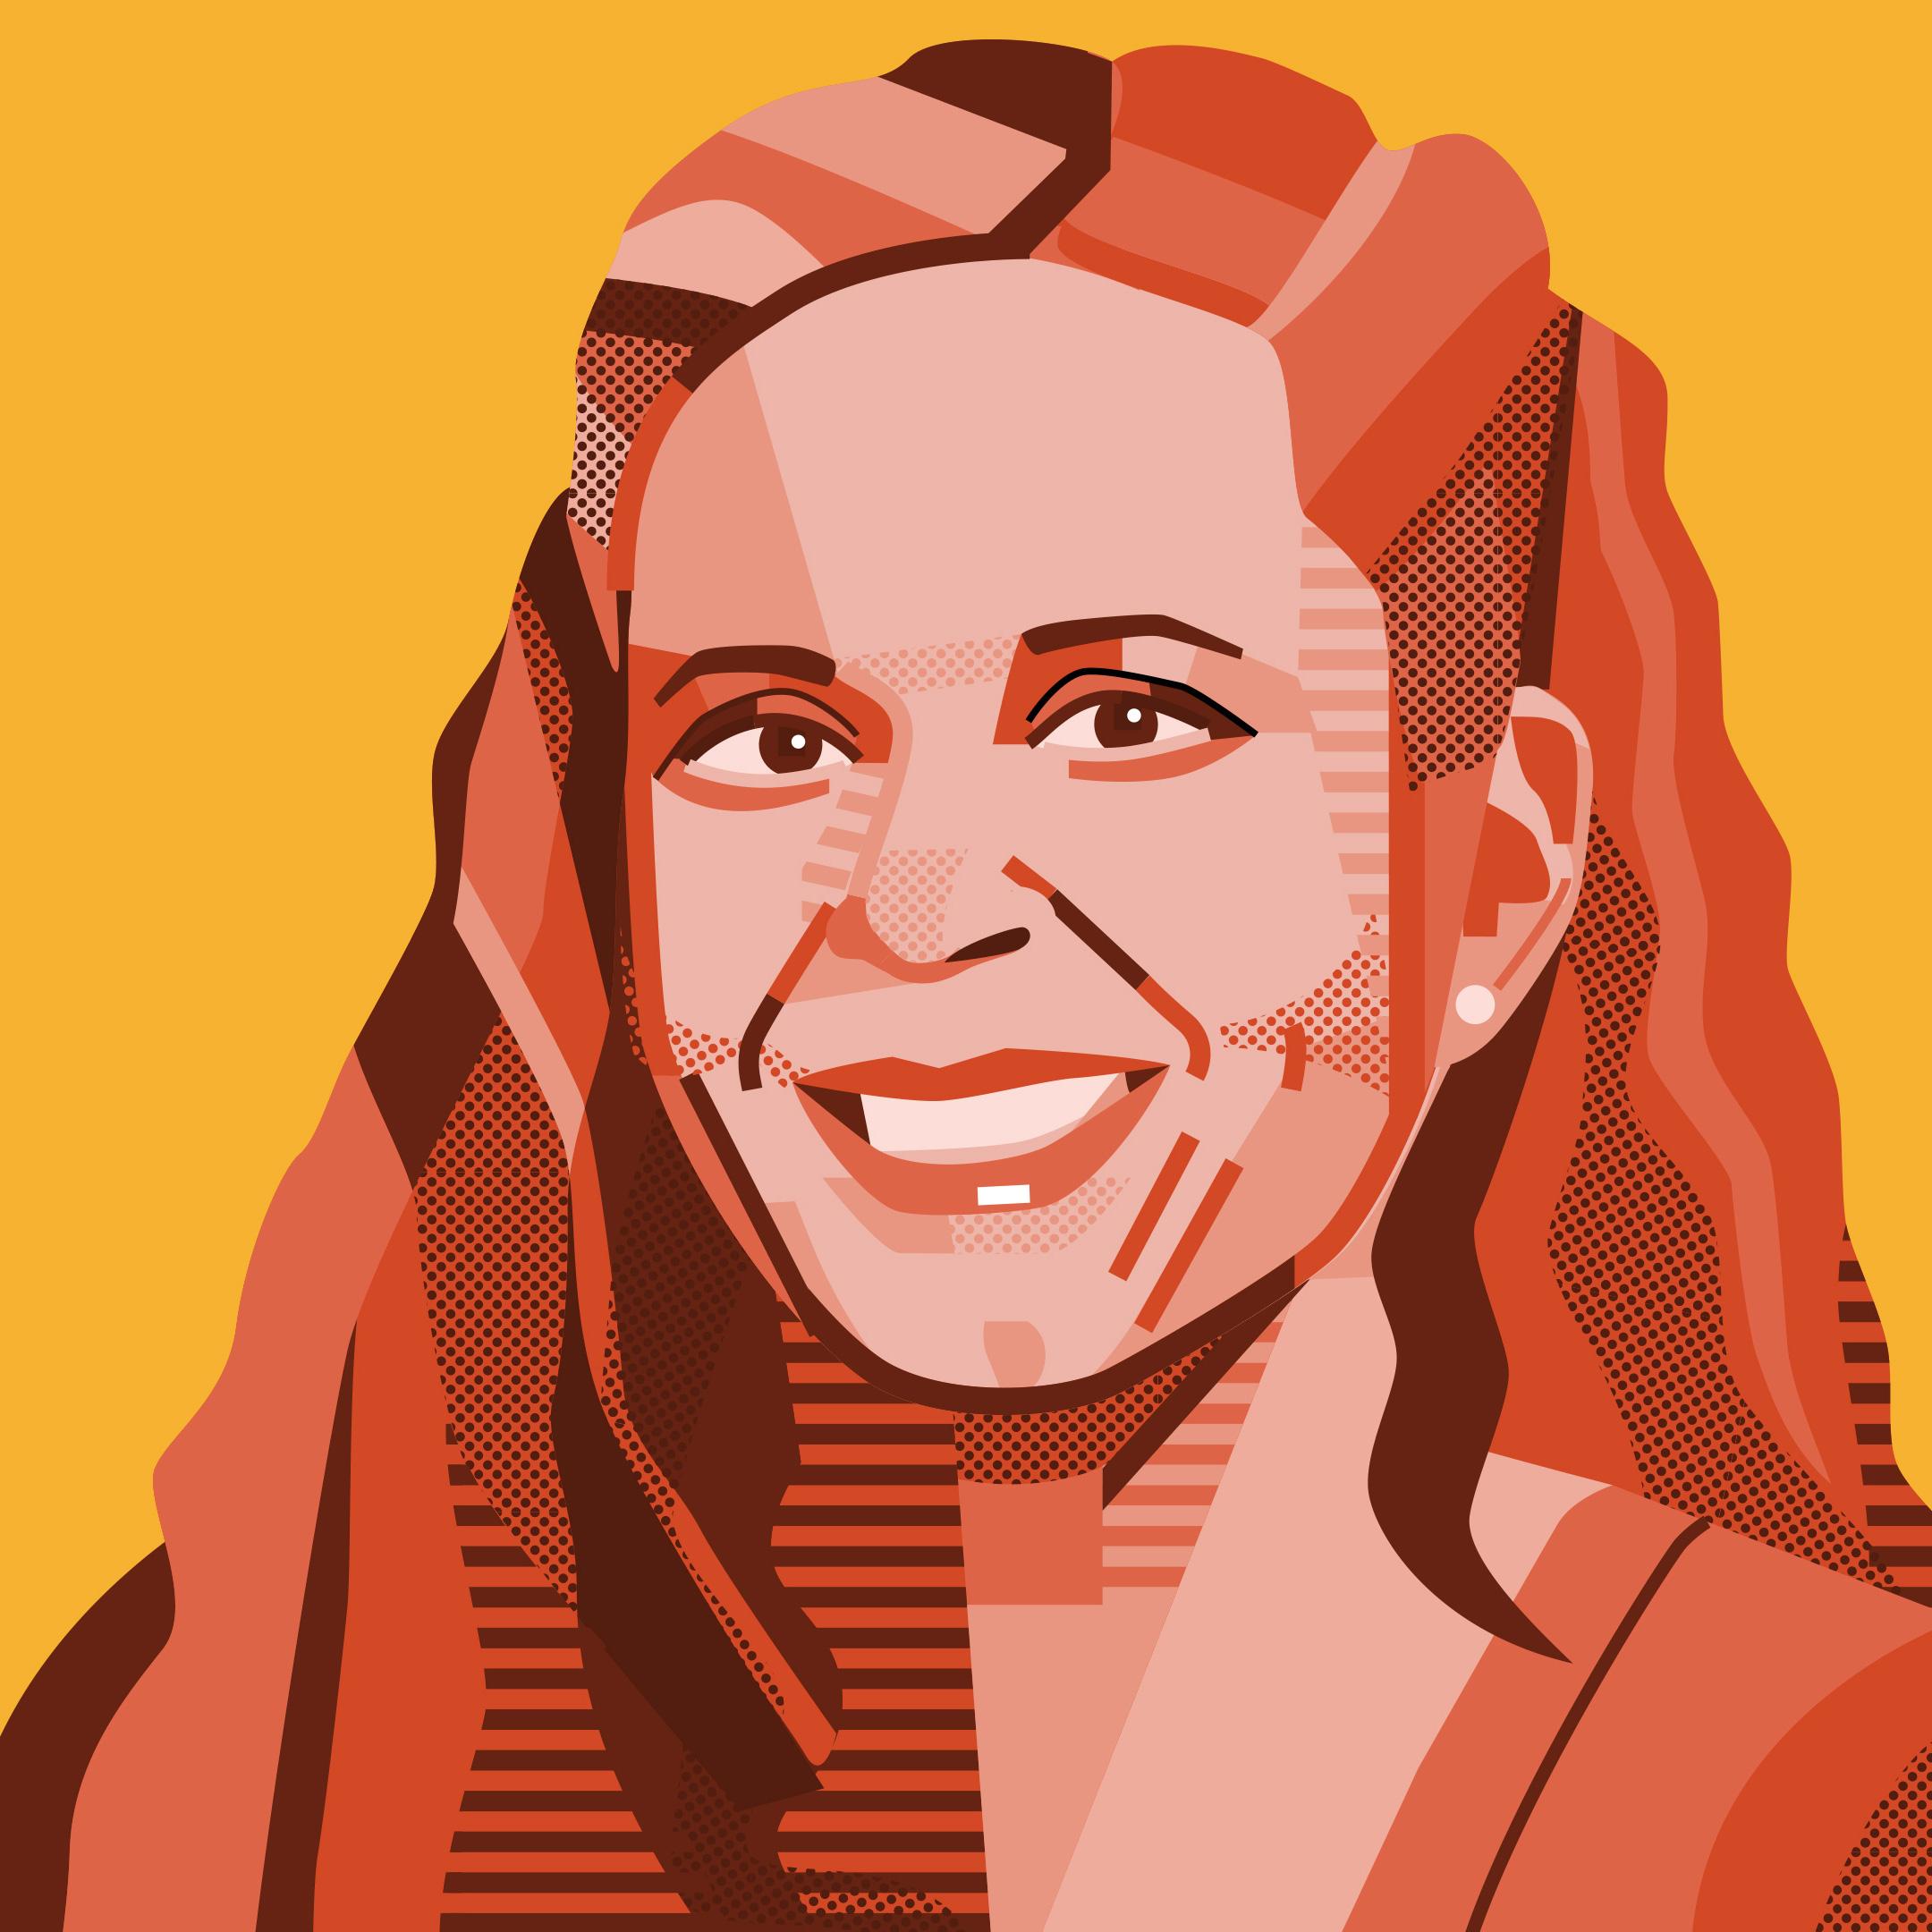 Christie Cacchione